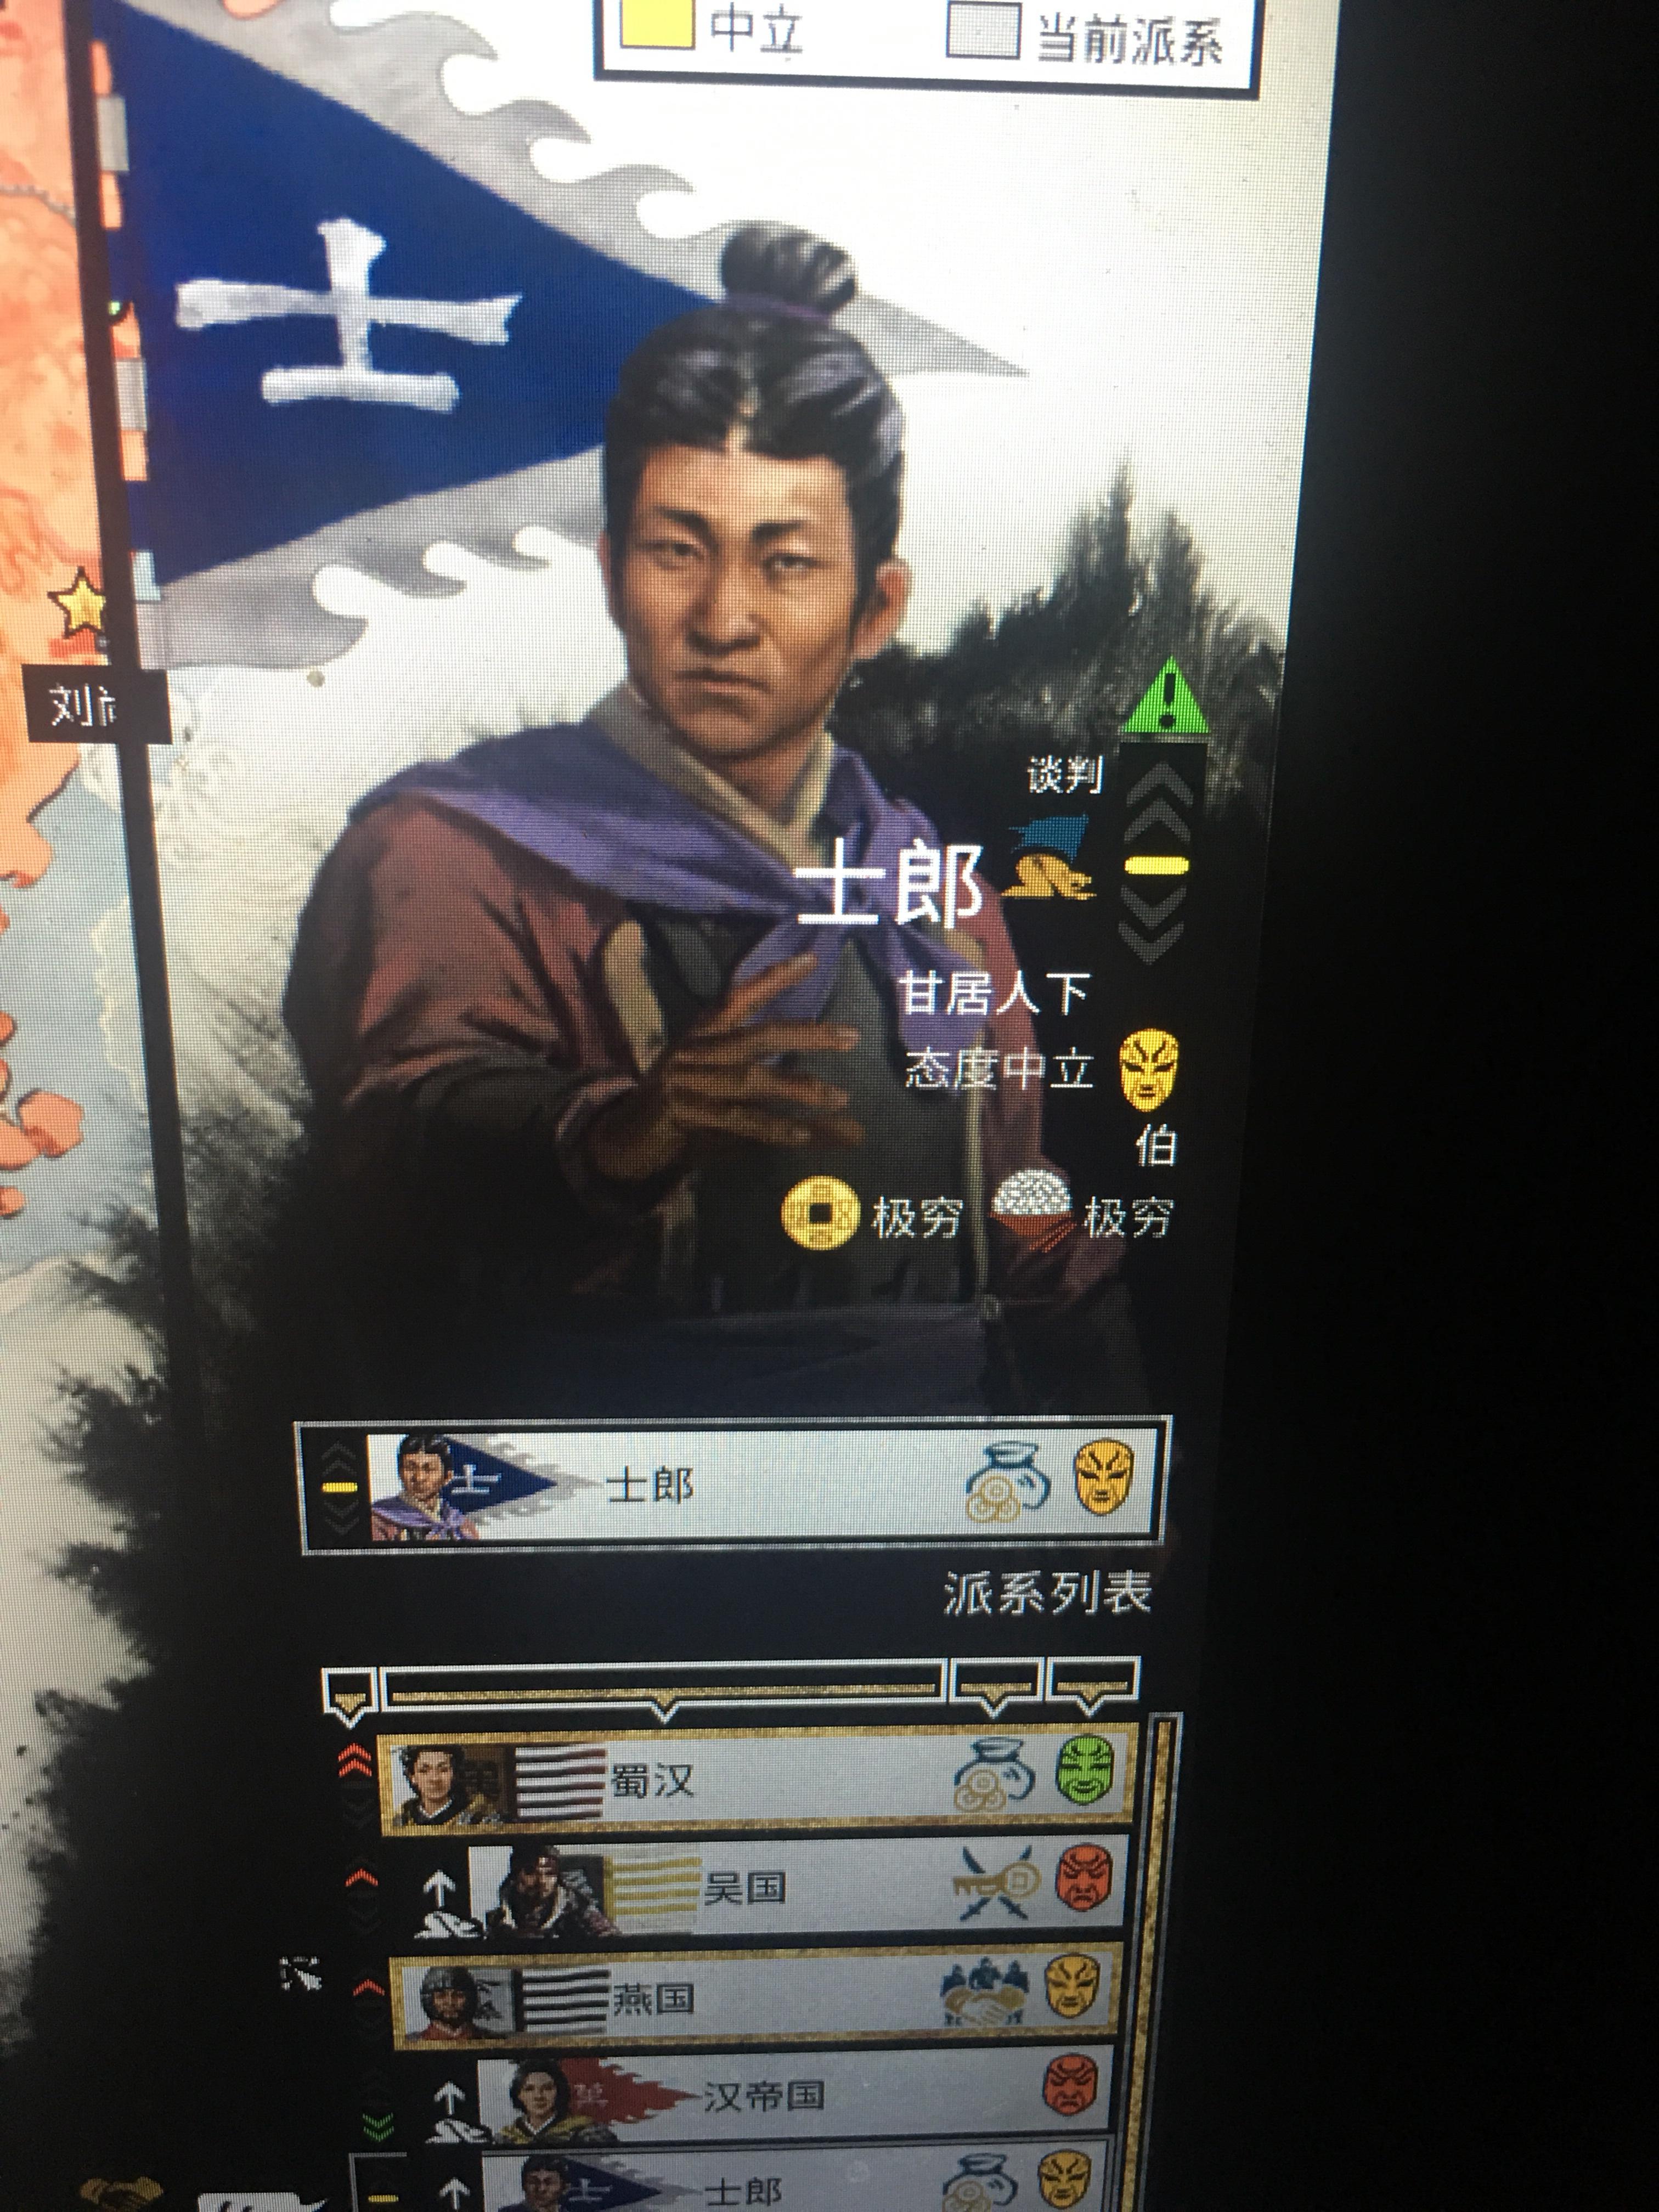 【全面科普】型月梗 红A的真身鲁迅说- ACG17.COM